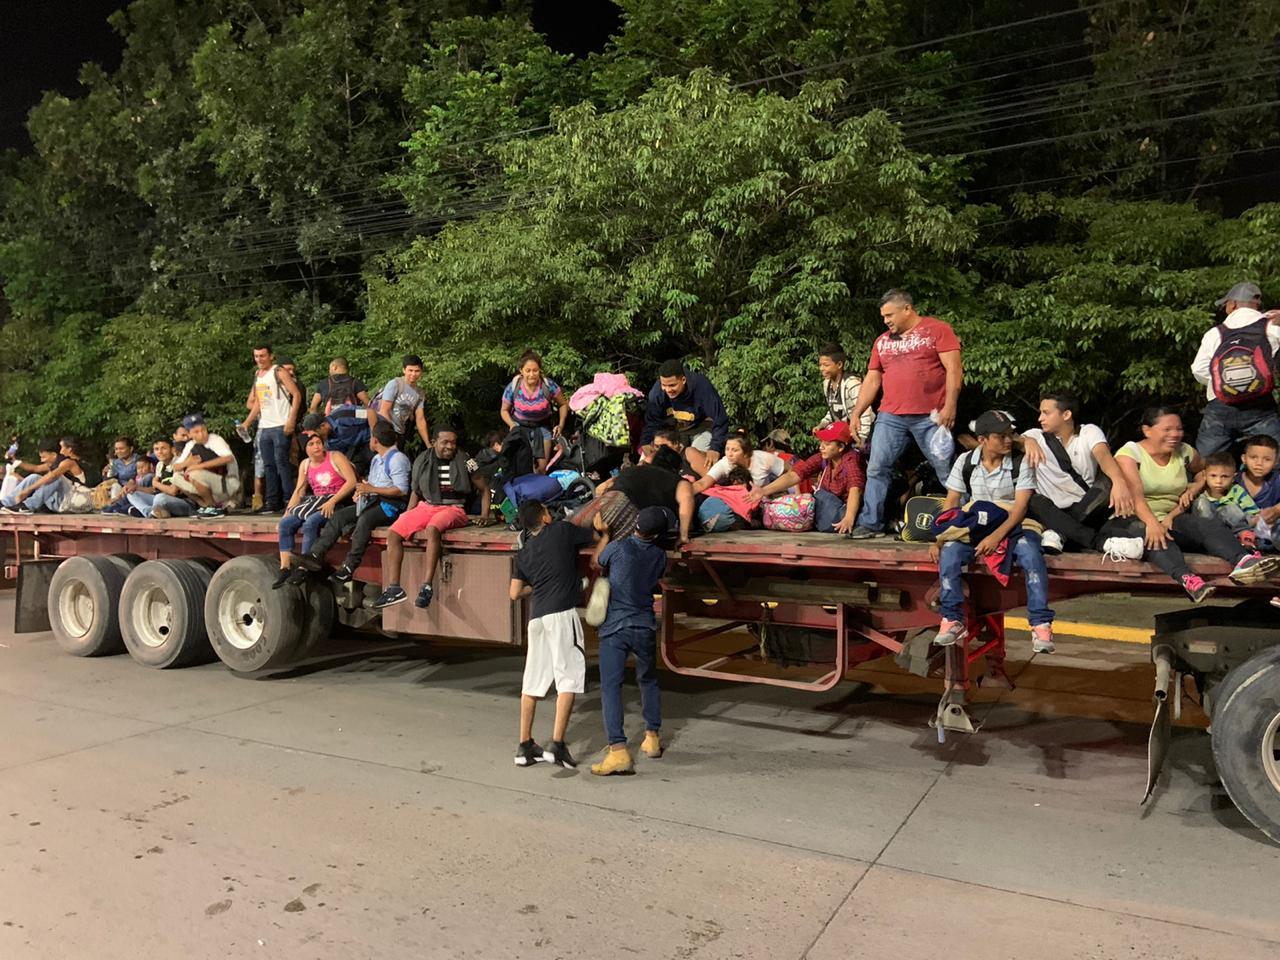 Rumbo hacia los Estados Unidos nueva caravana de migrantes hondureños